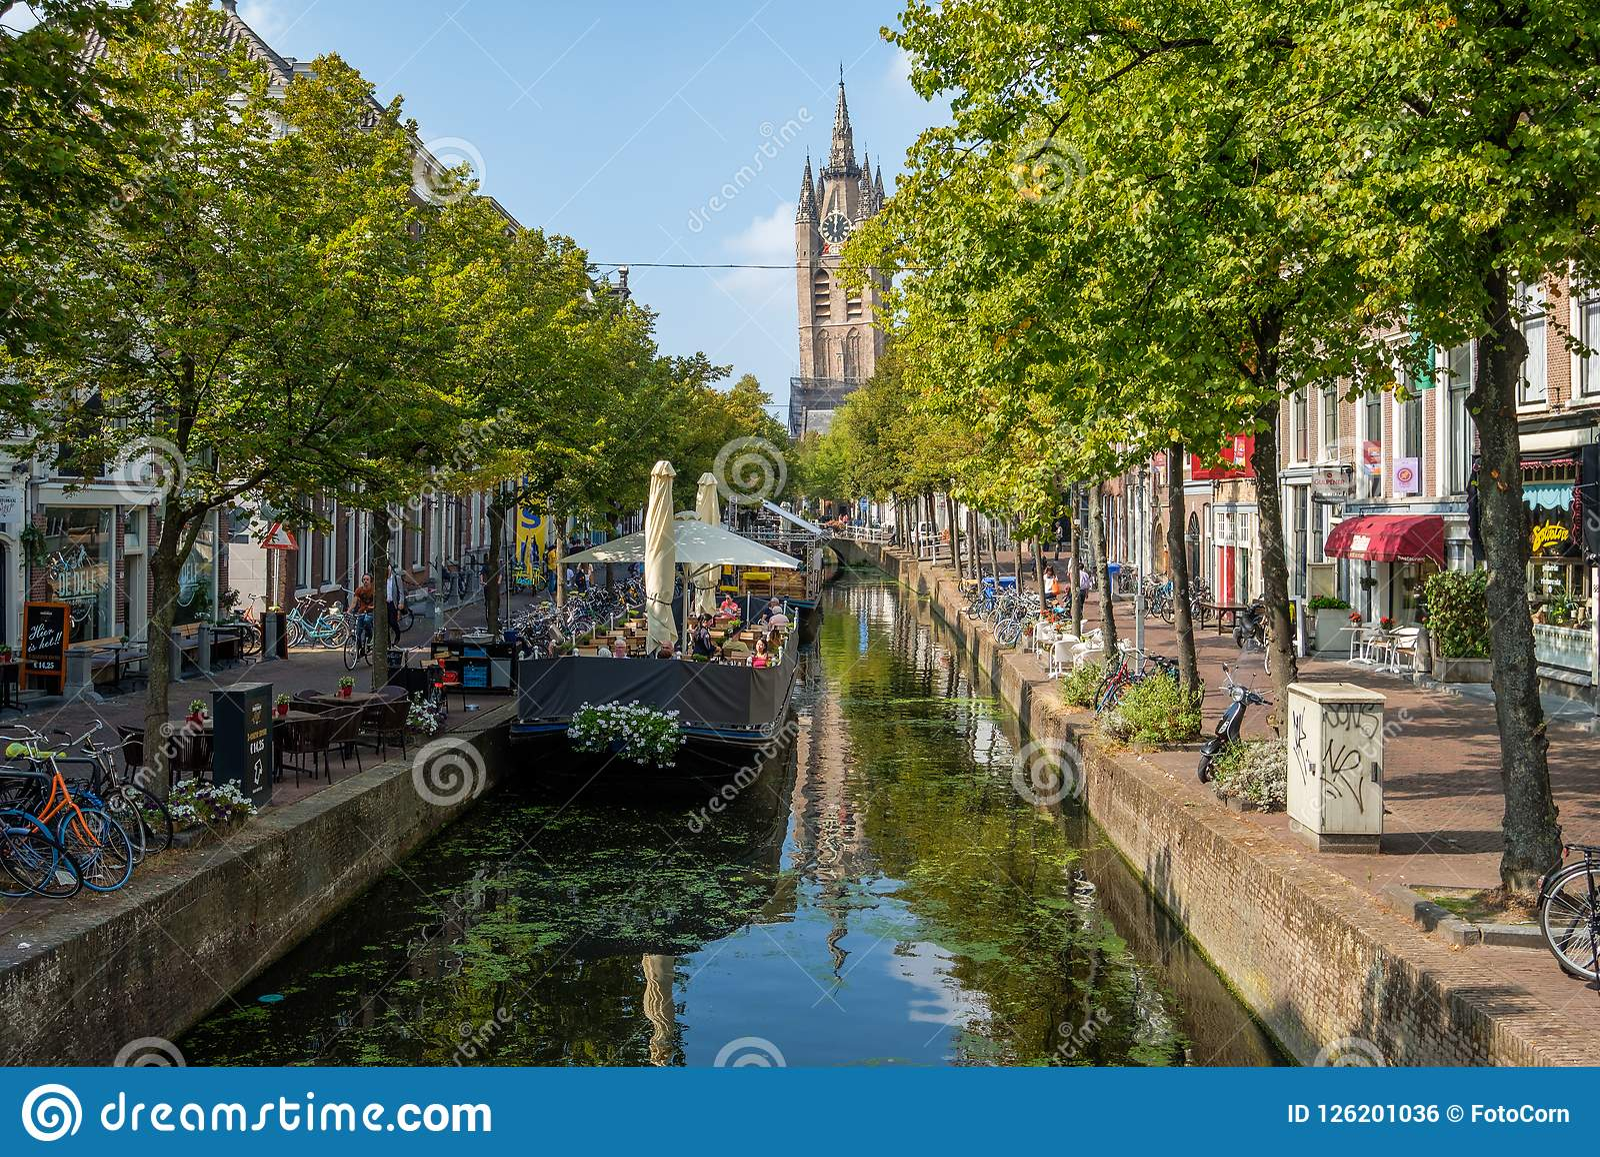 Un barco de la terraza en un canal histórico con vistas a inclinarse a